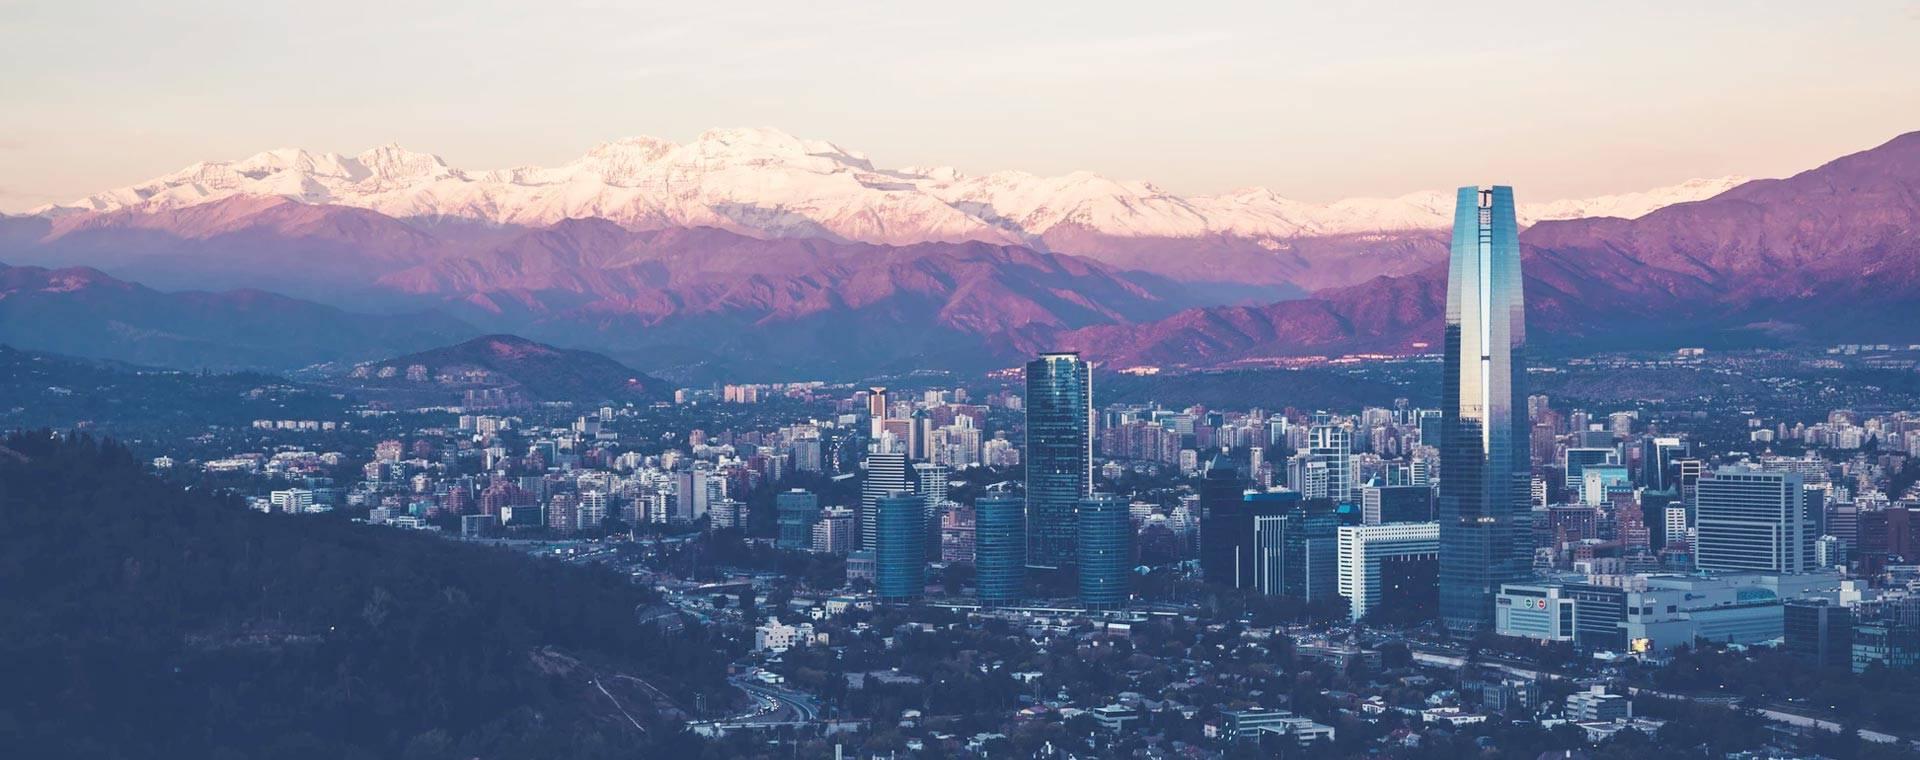 topo-chile-2 América do Sul